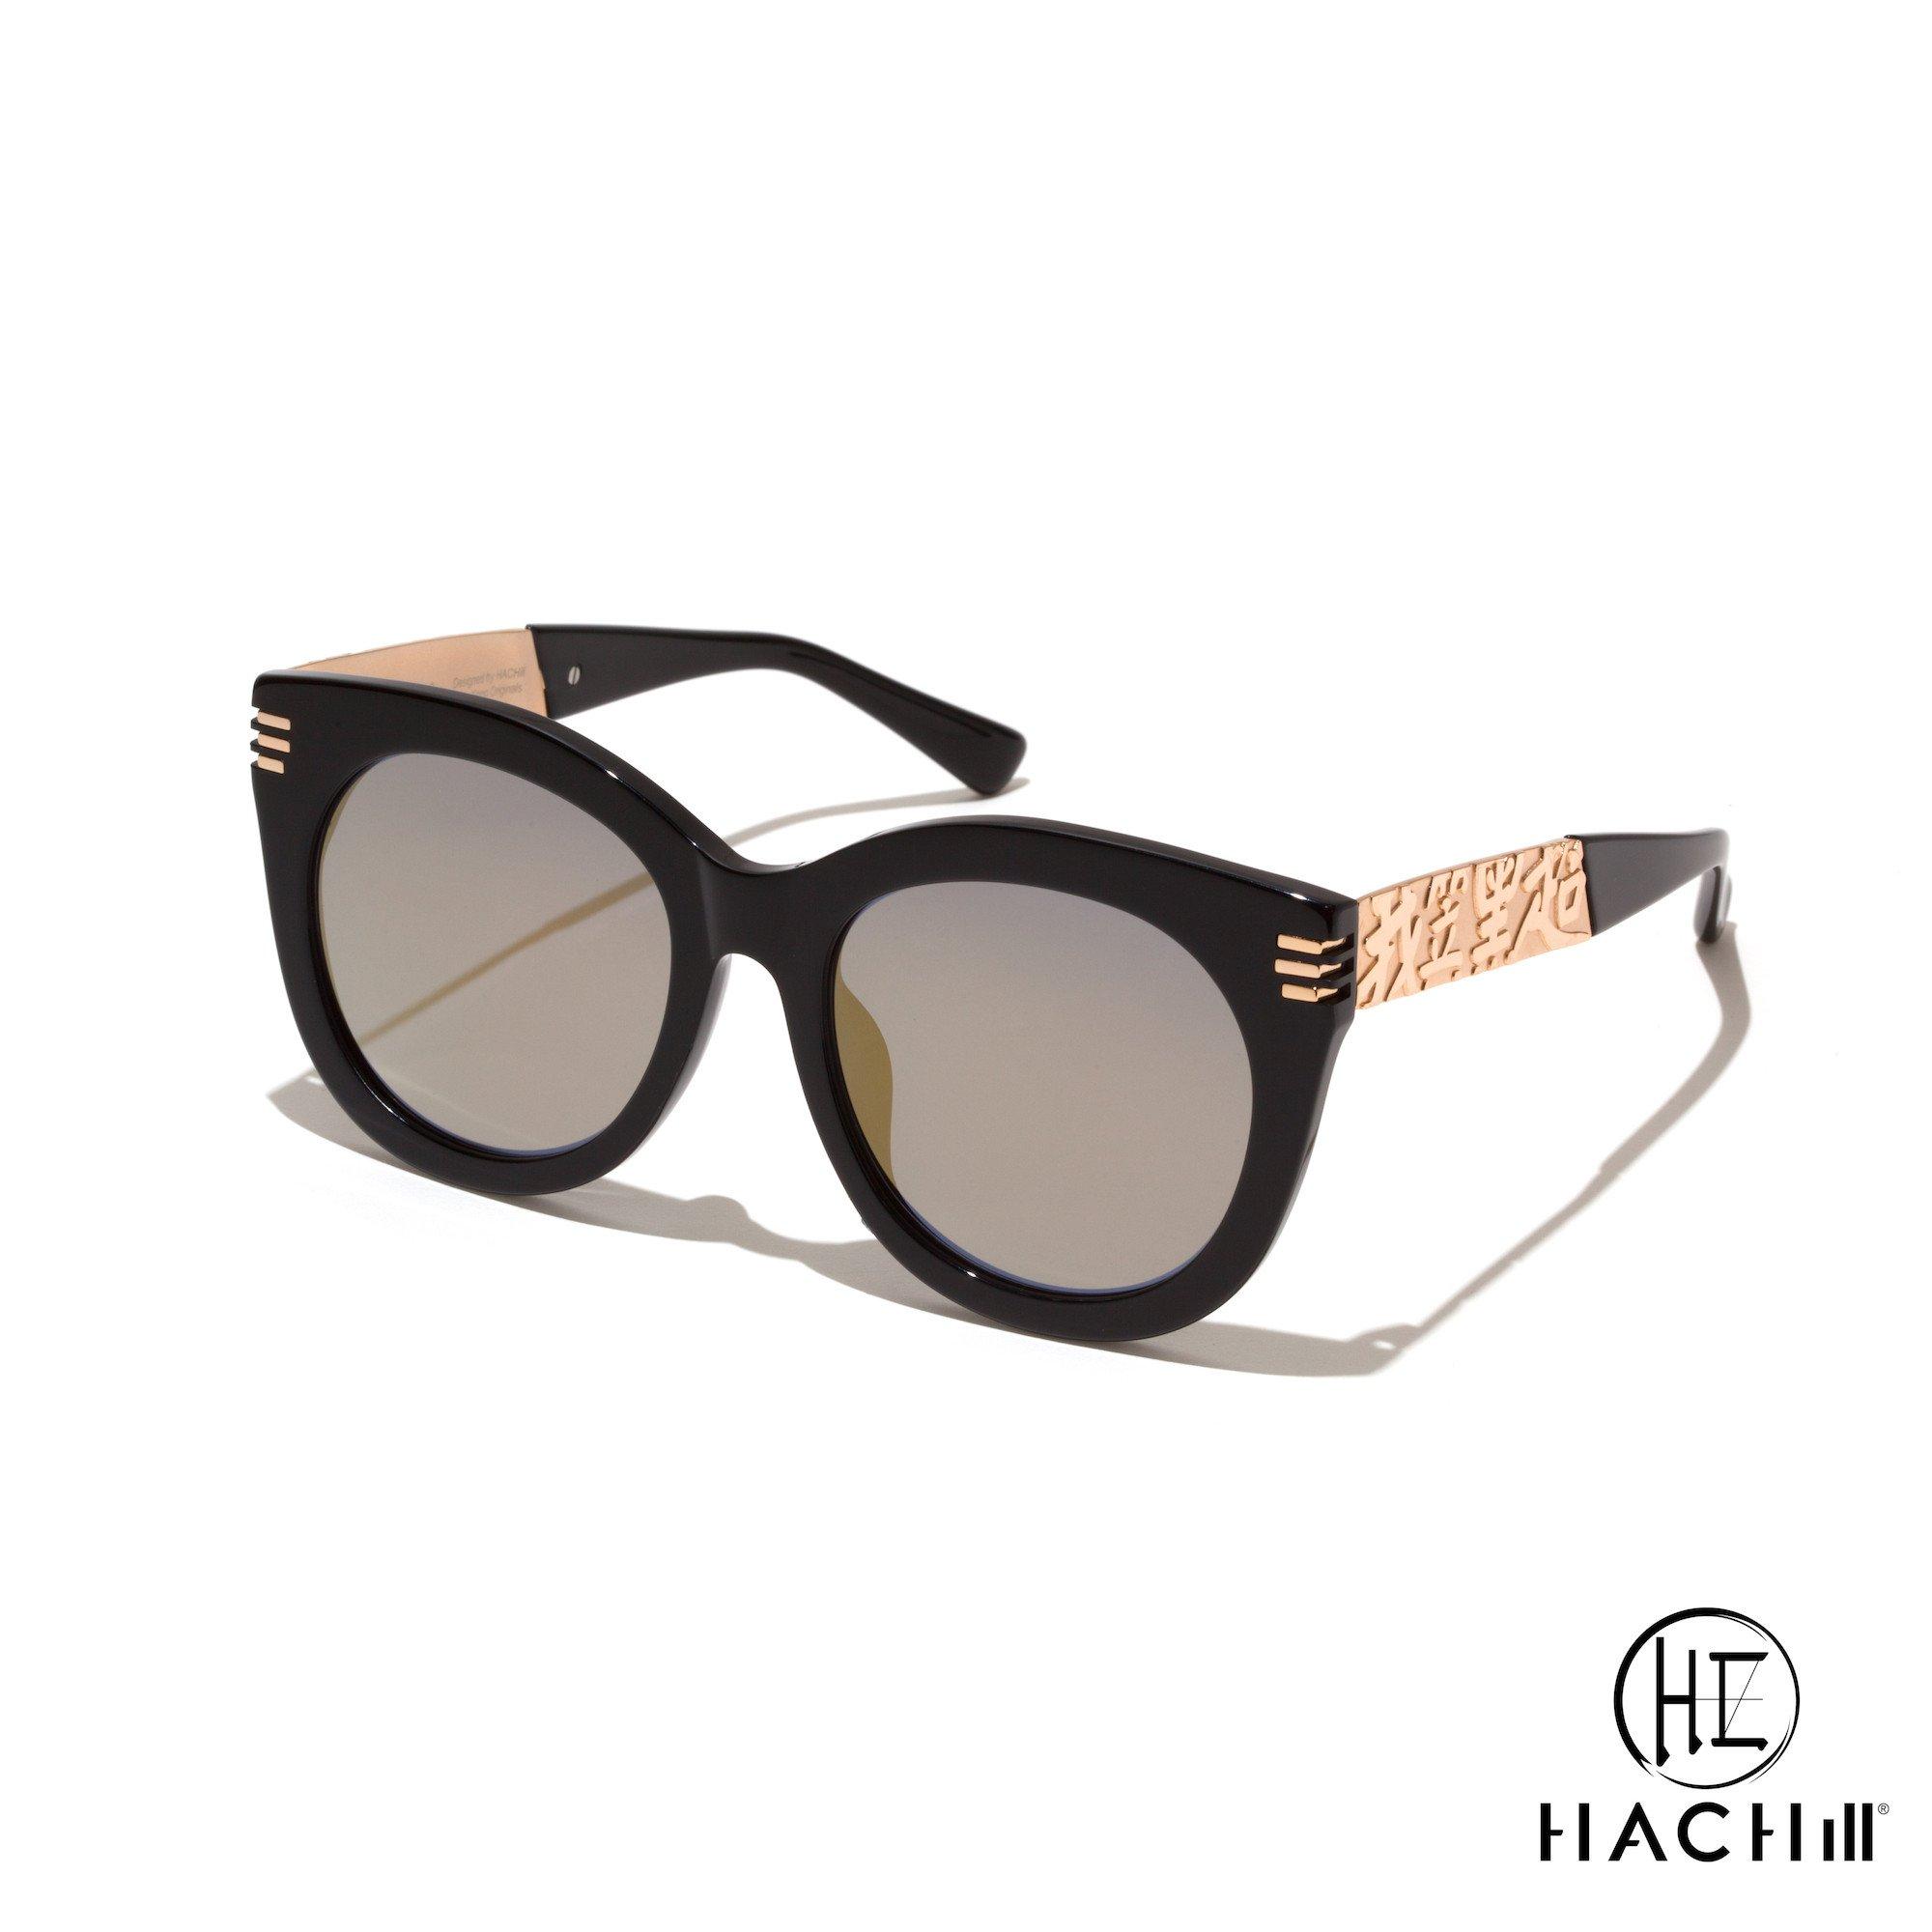 Hachill 太阳眼镜 HC4-2015-B-C1 亮黄色